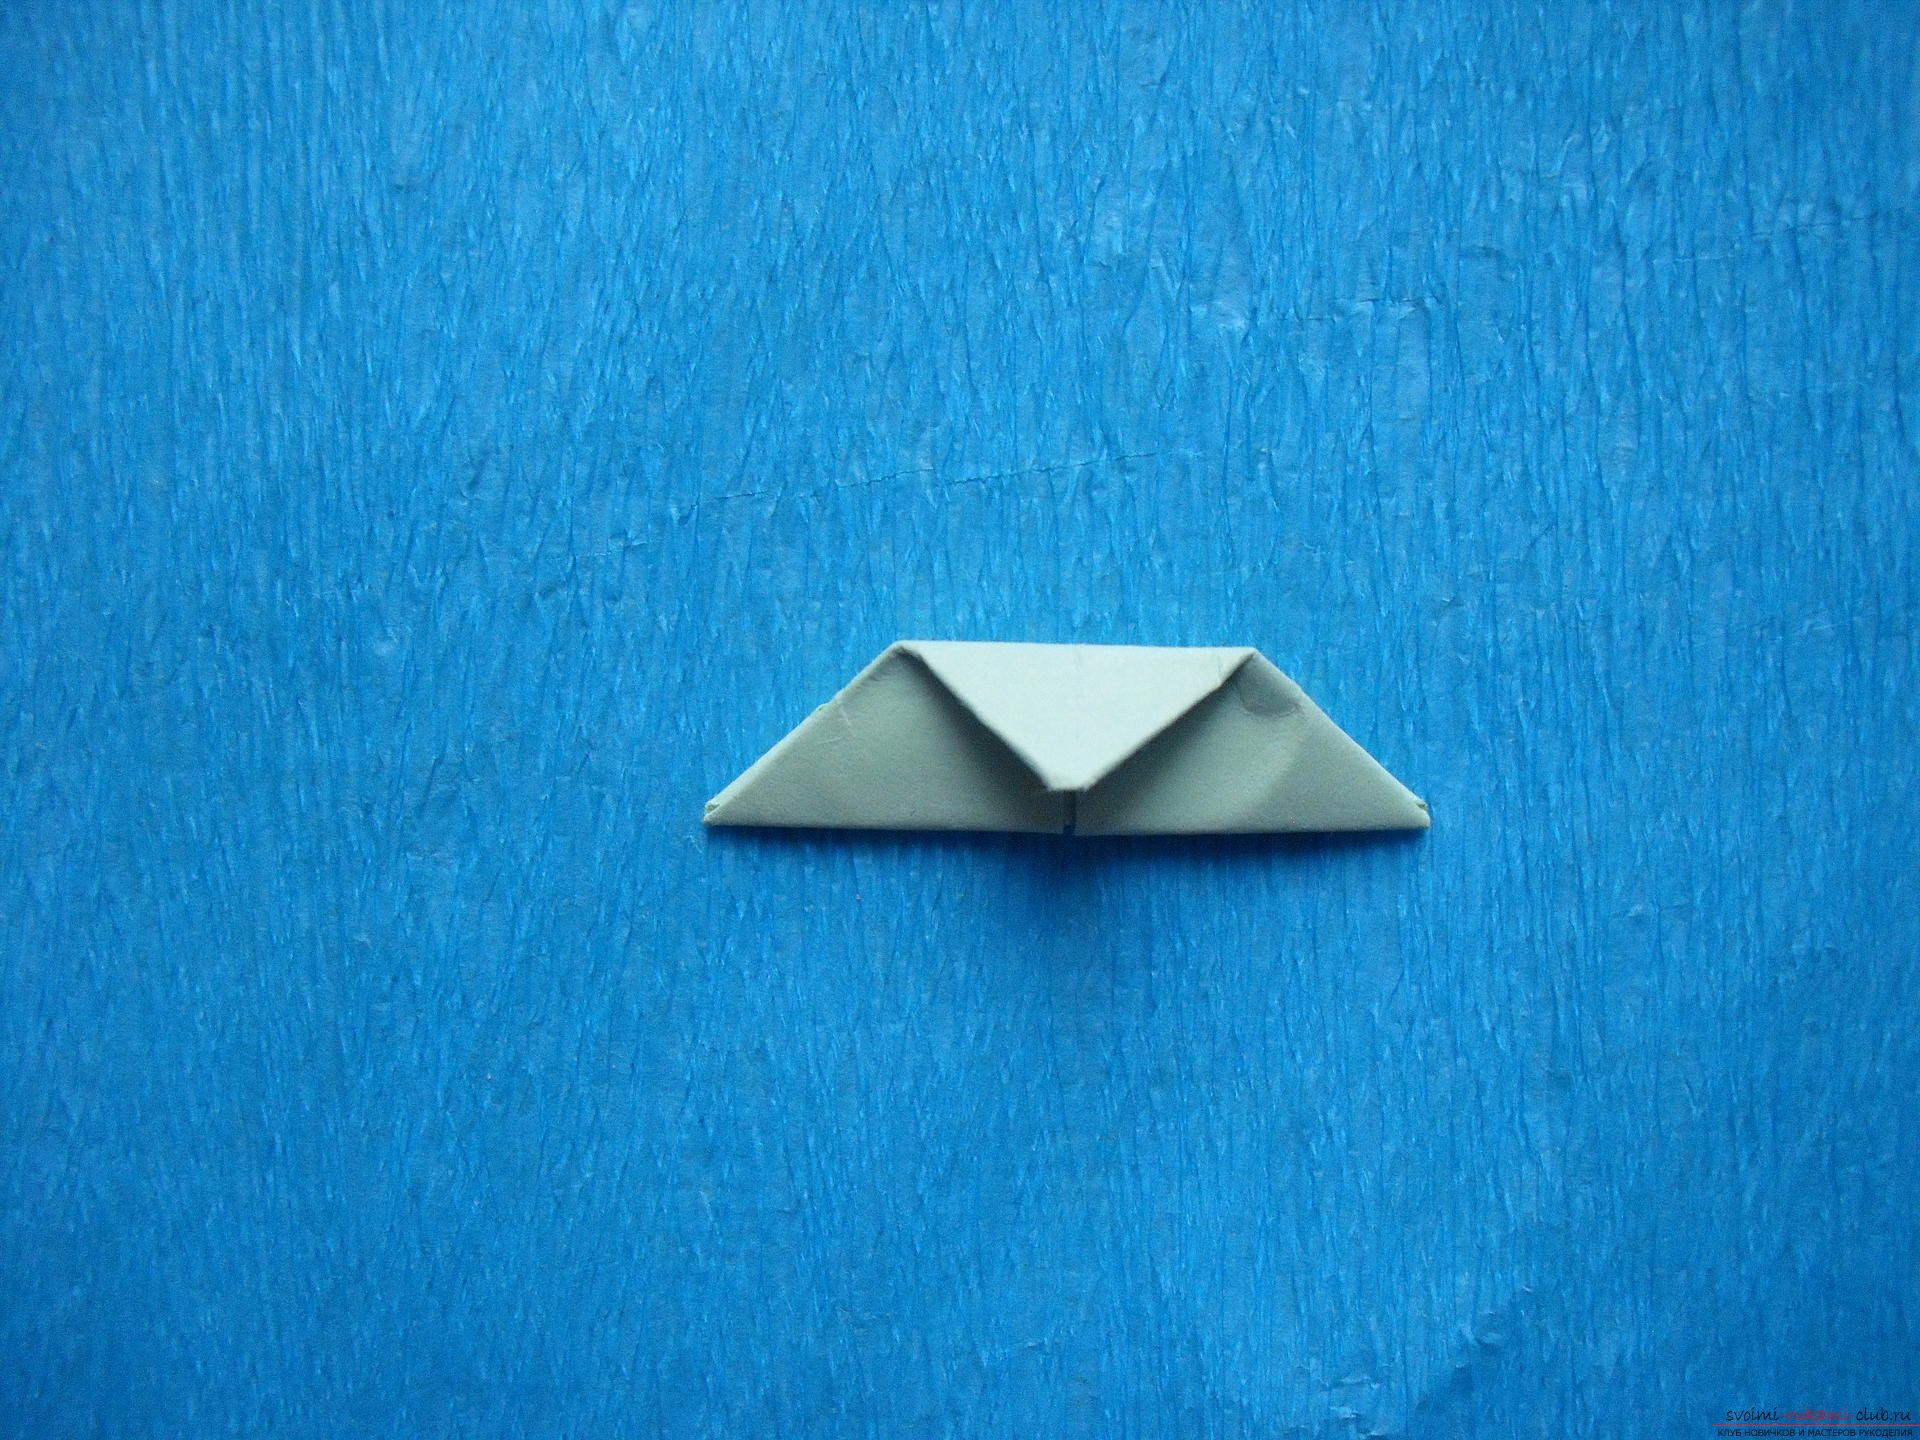 Этот мастер-класс расскажет как сделать поделку из модульных оригами - лягушку.. Фото №17